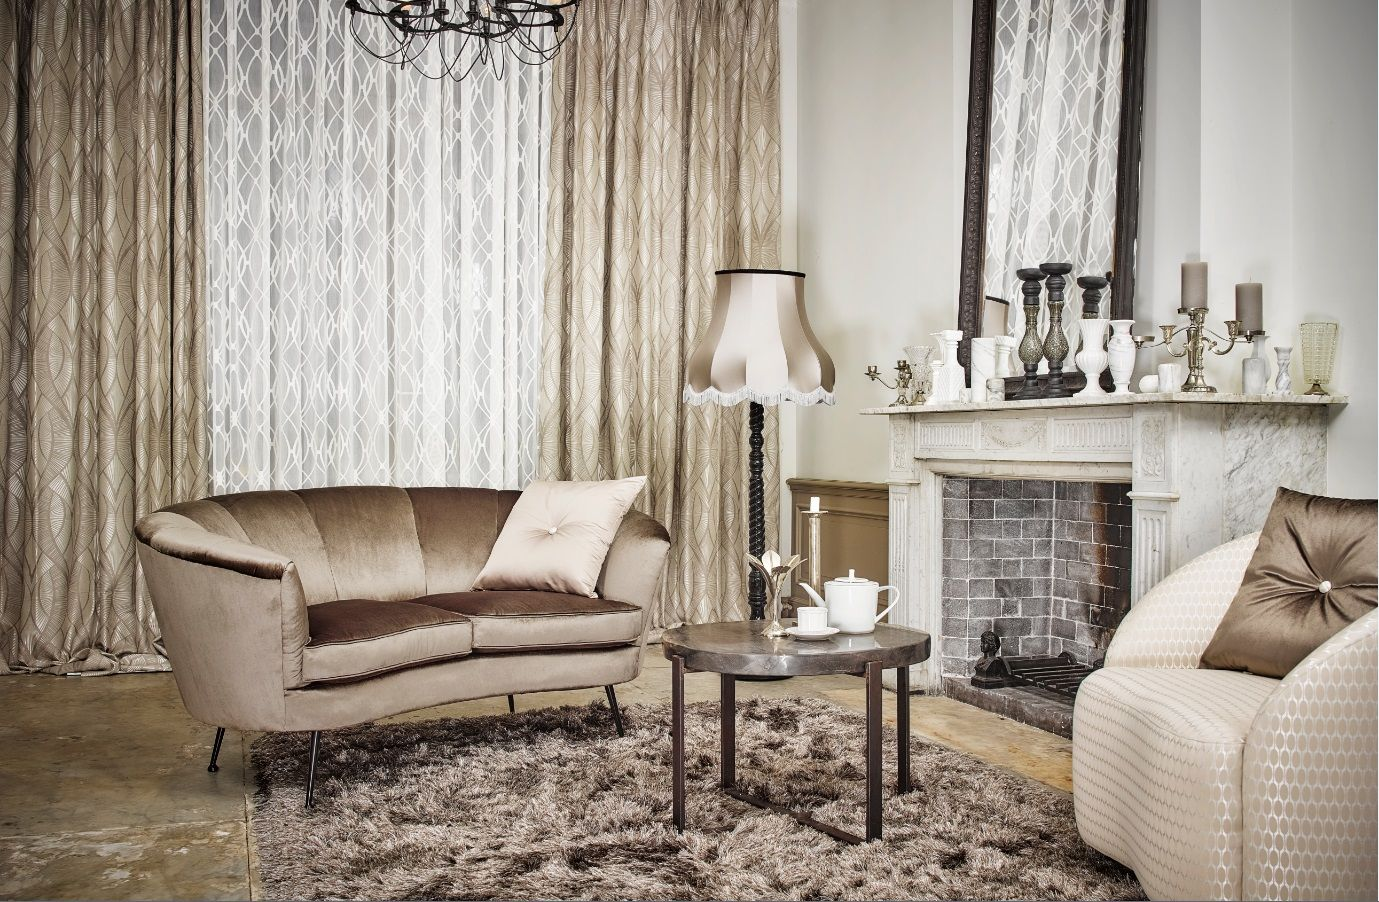 Gordijnen #meubelstoffen #inbetween #stoffen #interieur #decoratie